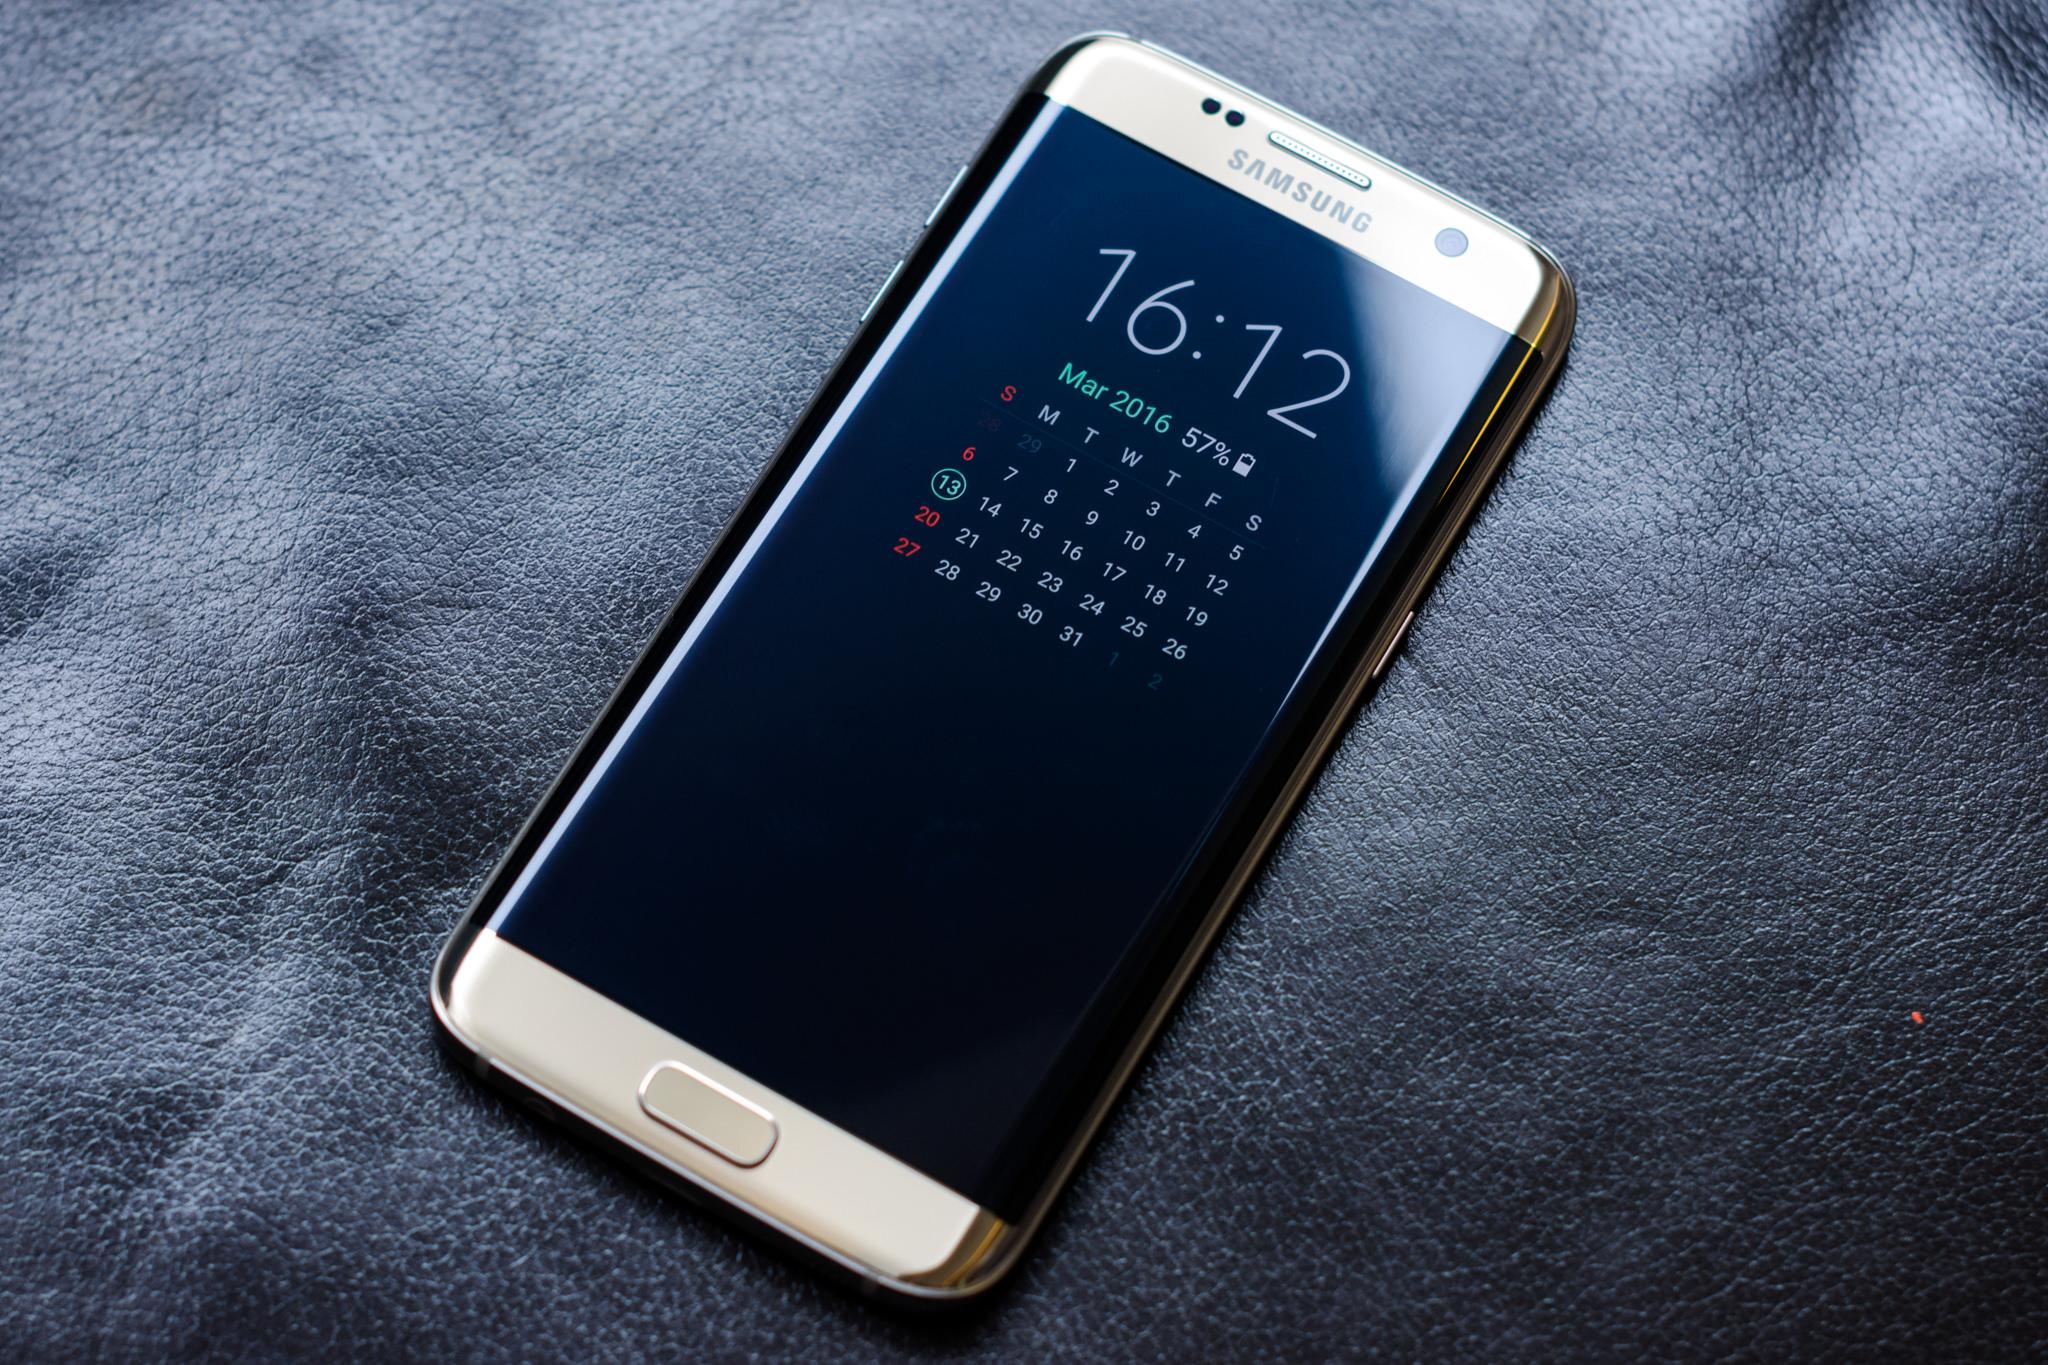 Galaxy S8 vs. LG G6 Specs